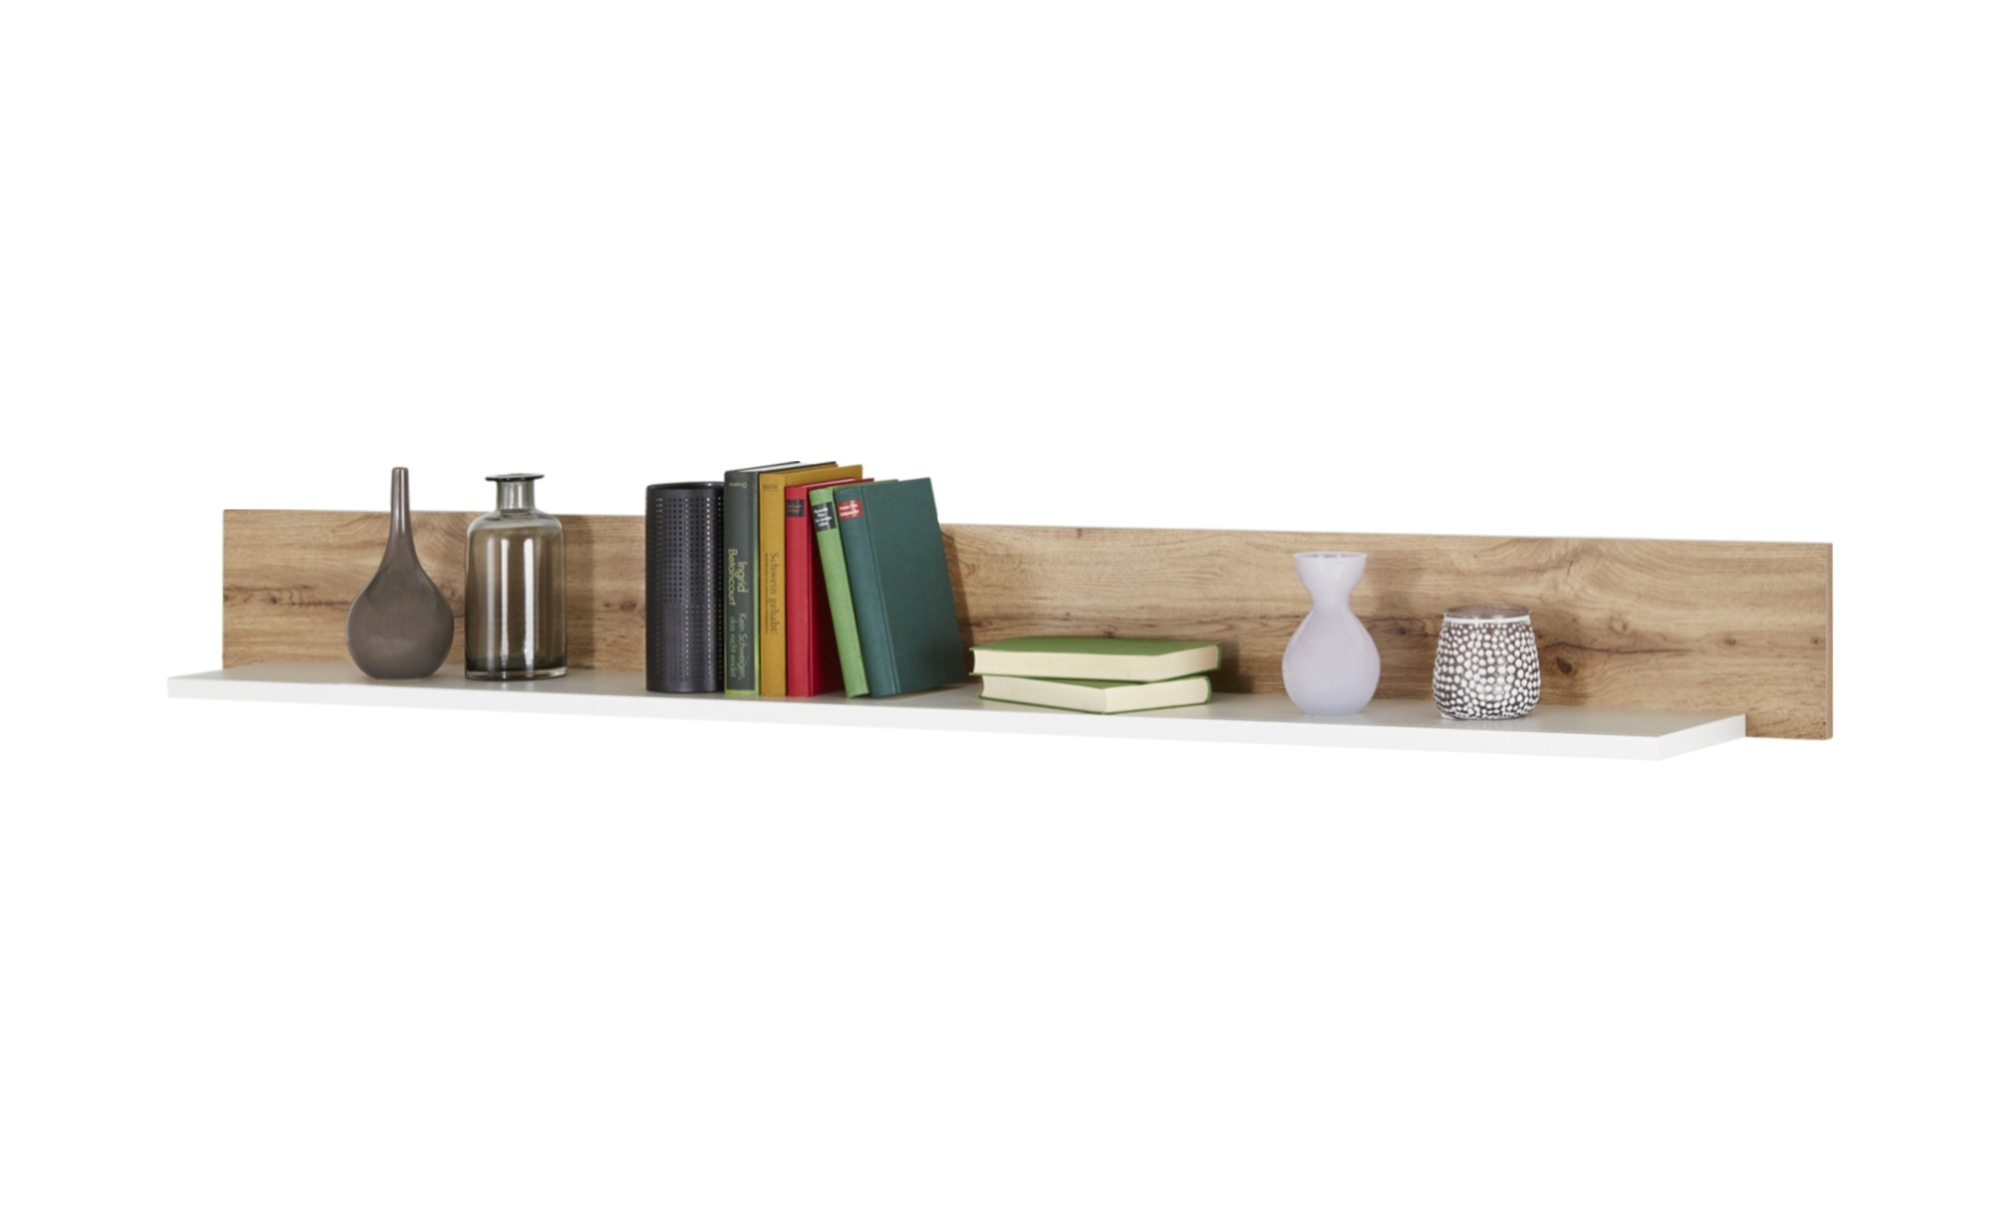 Wandboard cortina breite 180 cm h he 18 cm wei online kaufen bei woonio - Wandboard walnuss ...